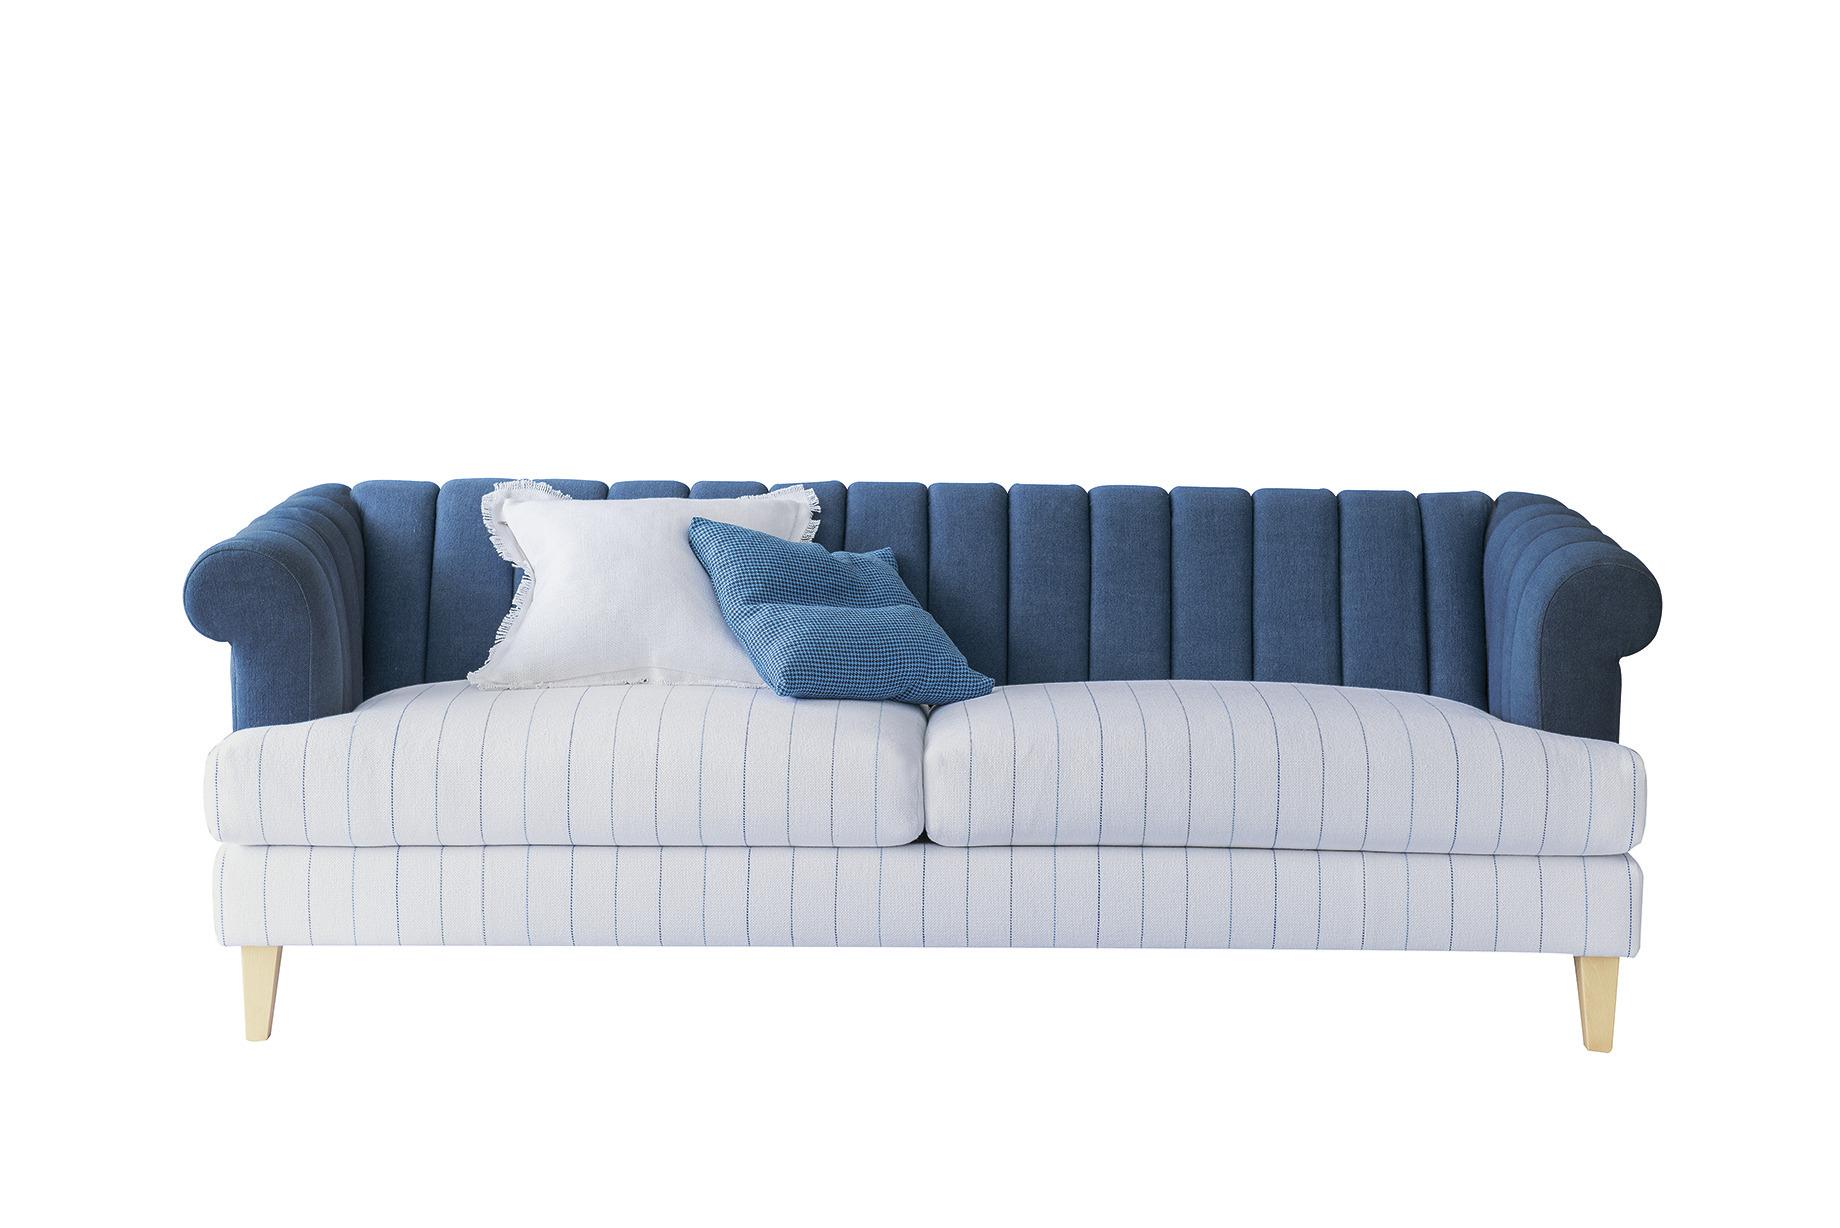 ספה בכחול לבן _מתוך קולקציית עילית הלבשה לבית